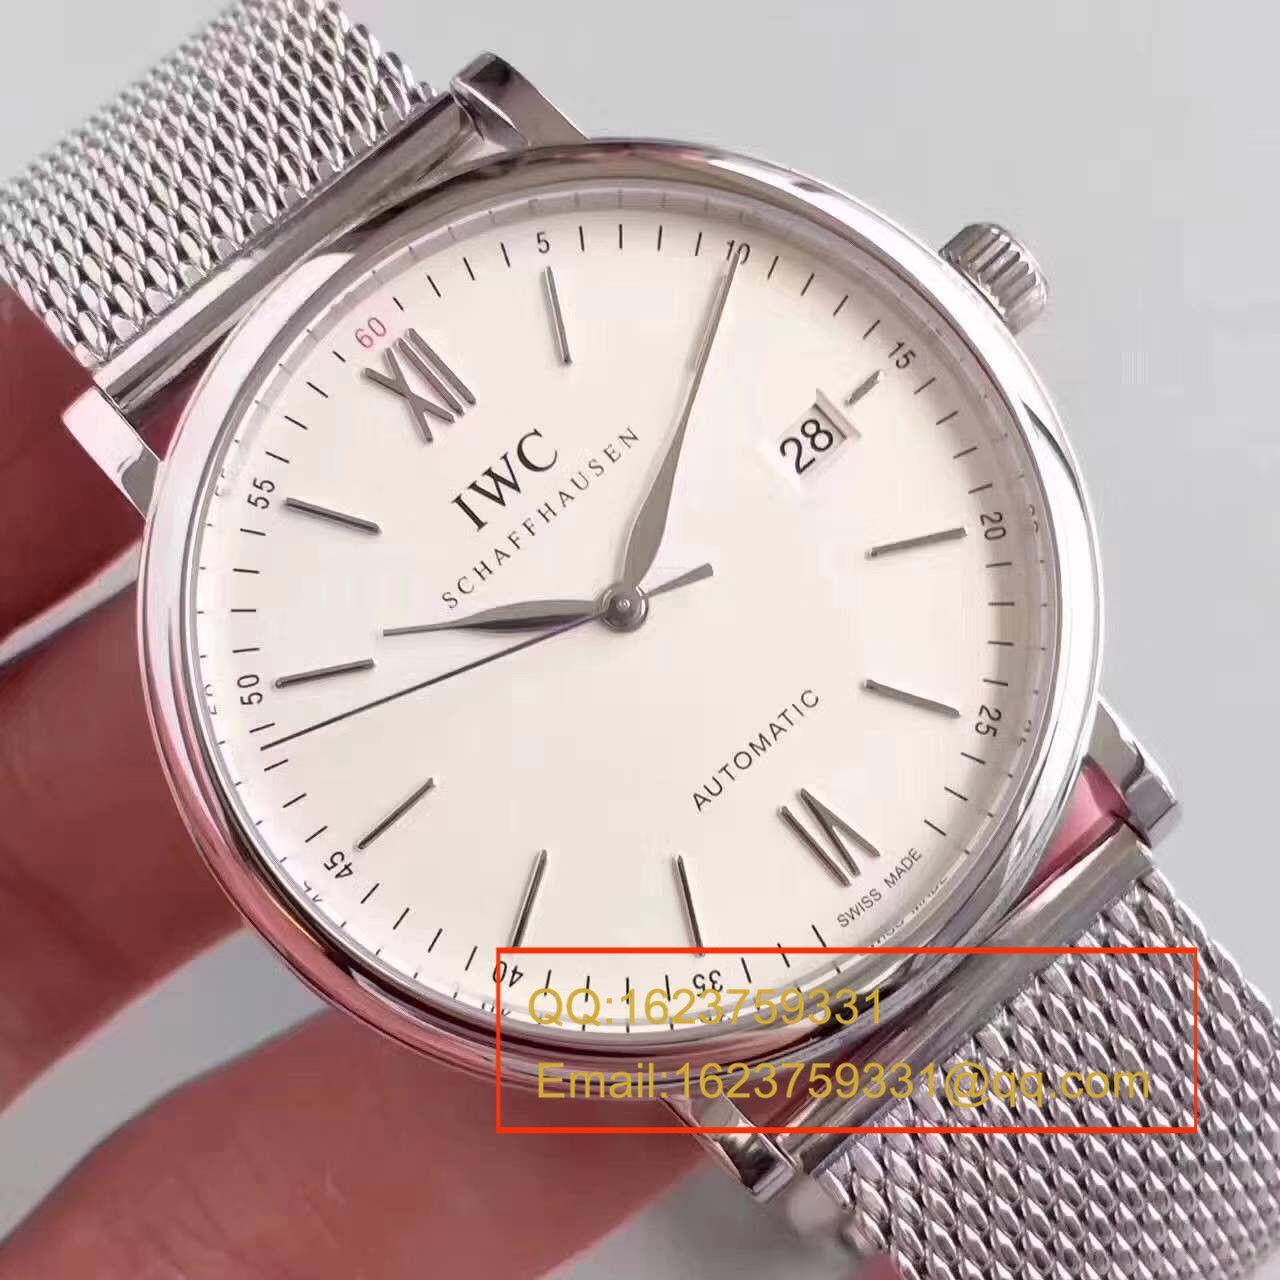 【独家视频测评MK厂一比一超A精仿手表】万国柏涛菲诺系列IW356505精钢米兰表链腕表 / WG116